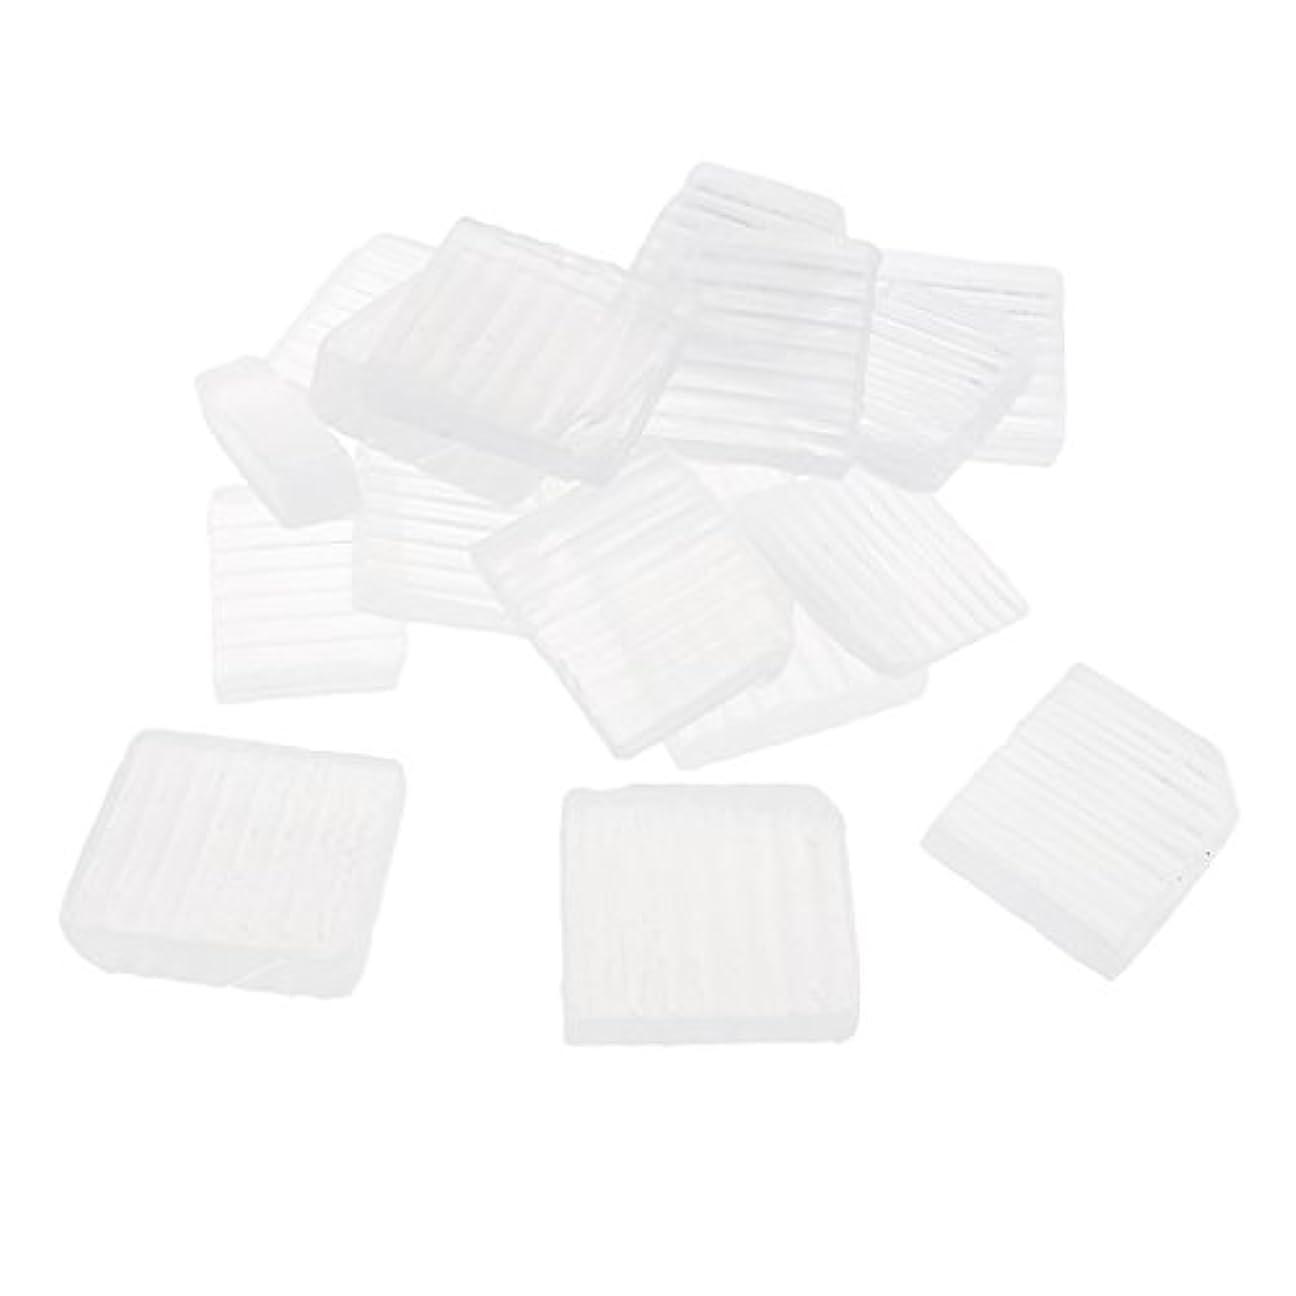 教会スノーケル暴動透明 石鹸ベース DIY 手作り 石鹸 約1 KG